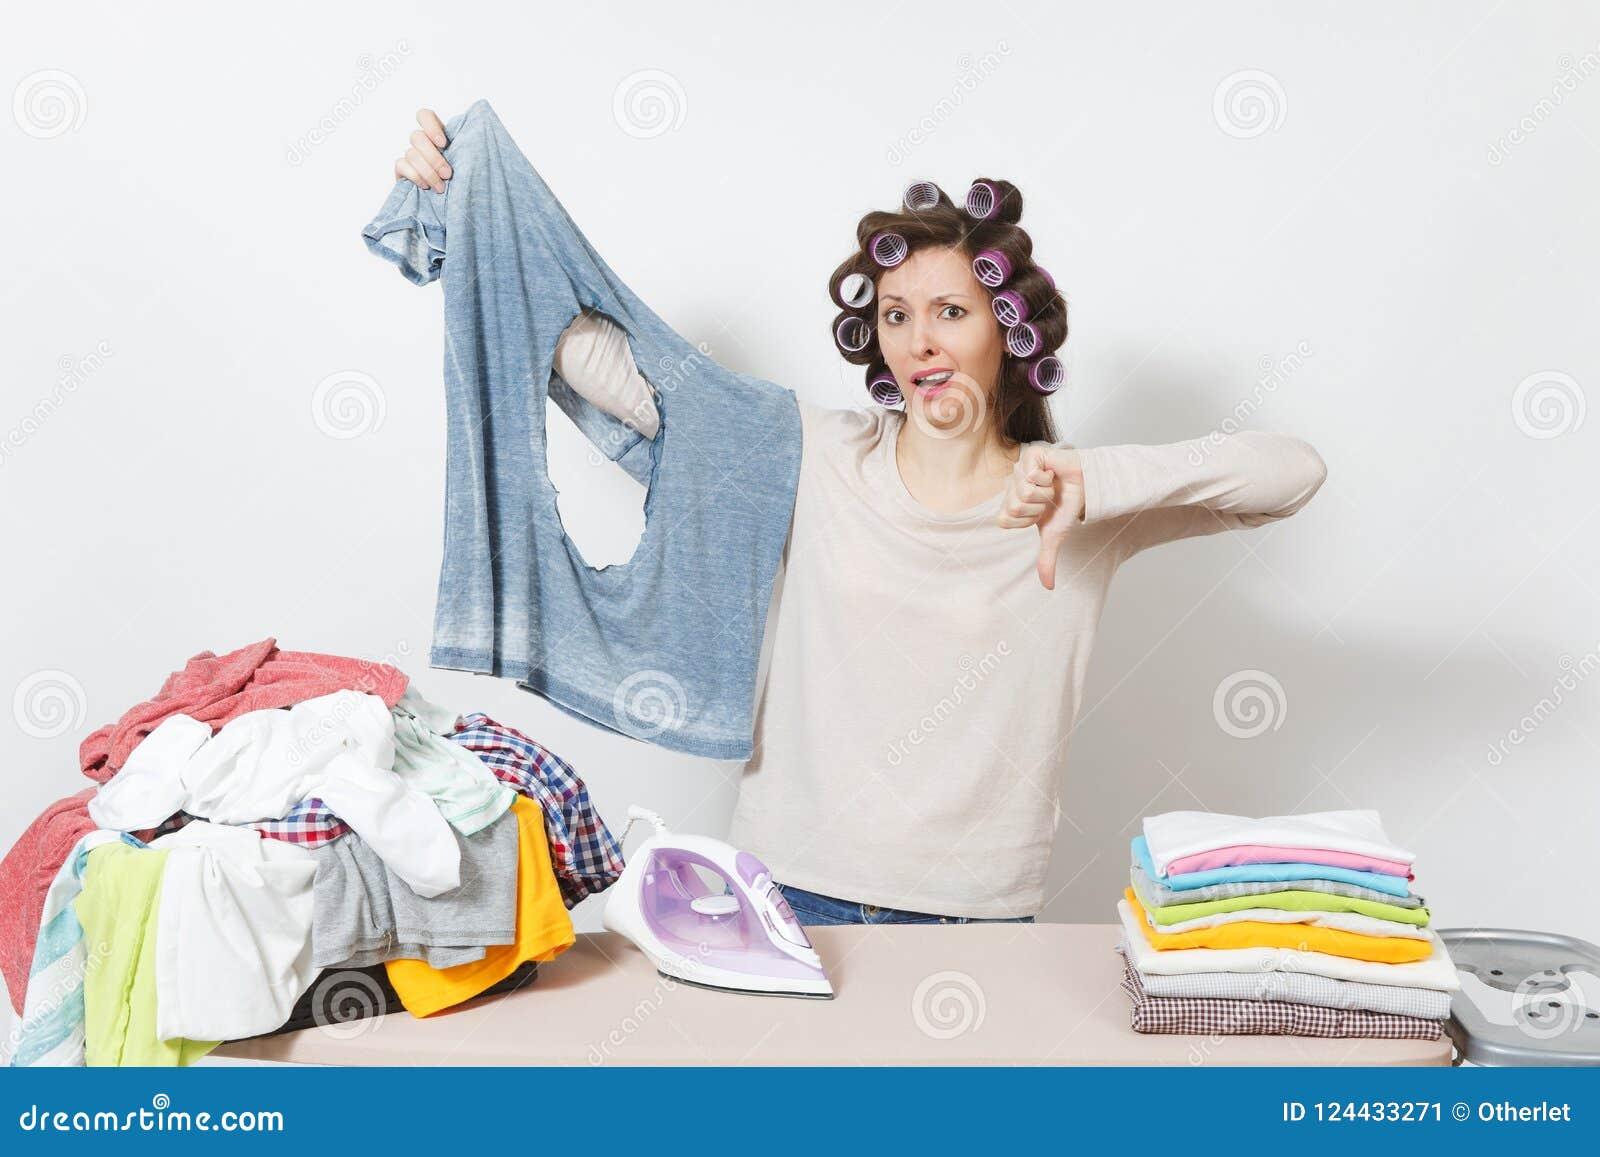 Νέα όμορφη νοικοκυρά απομονωμένη ανασκόπηση λευκή γυναίκα Έννοια οικοκυρικής Διάστημα αντιγράφων για τη διαφήμιση